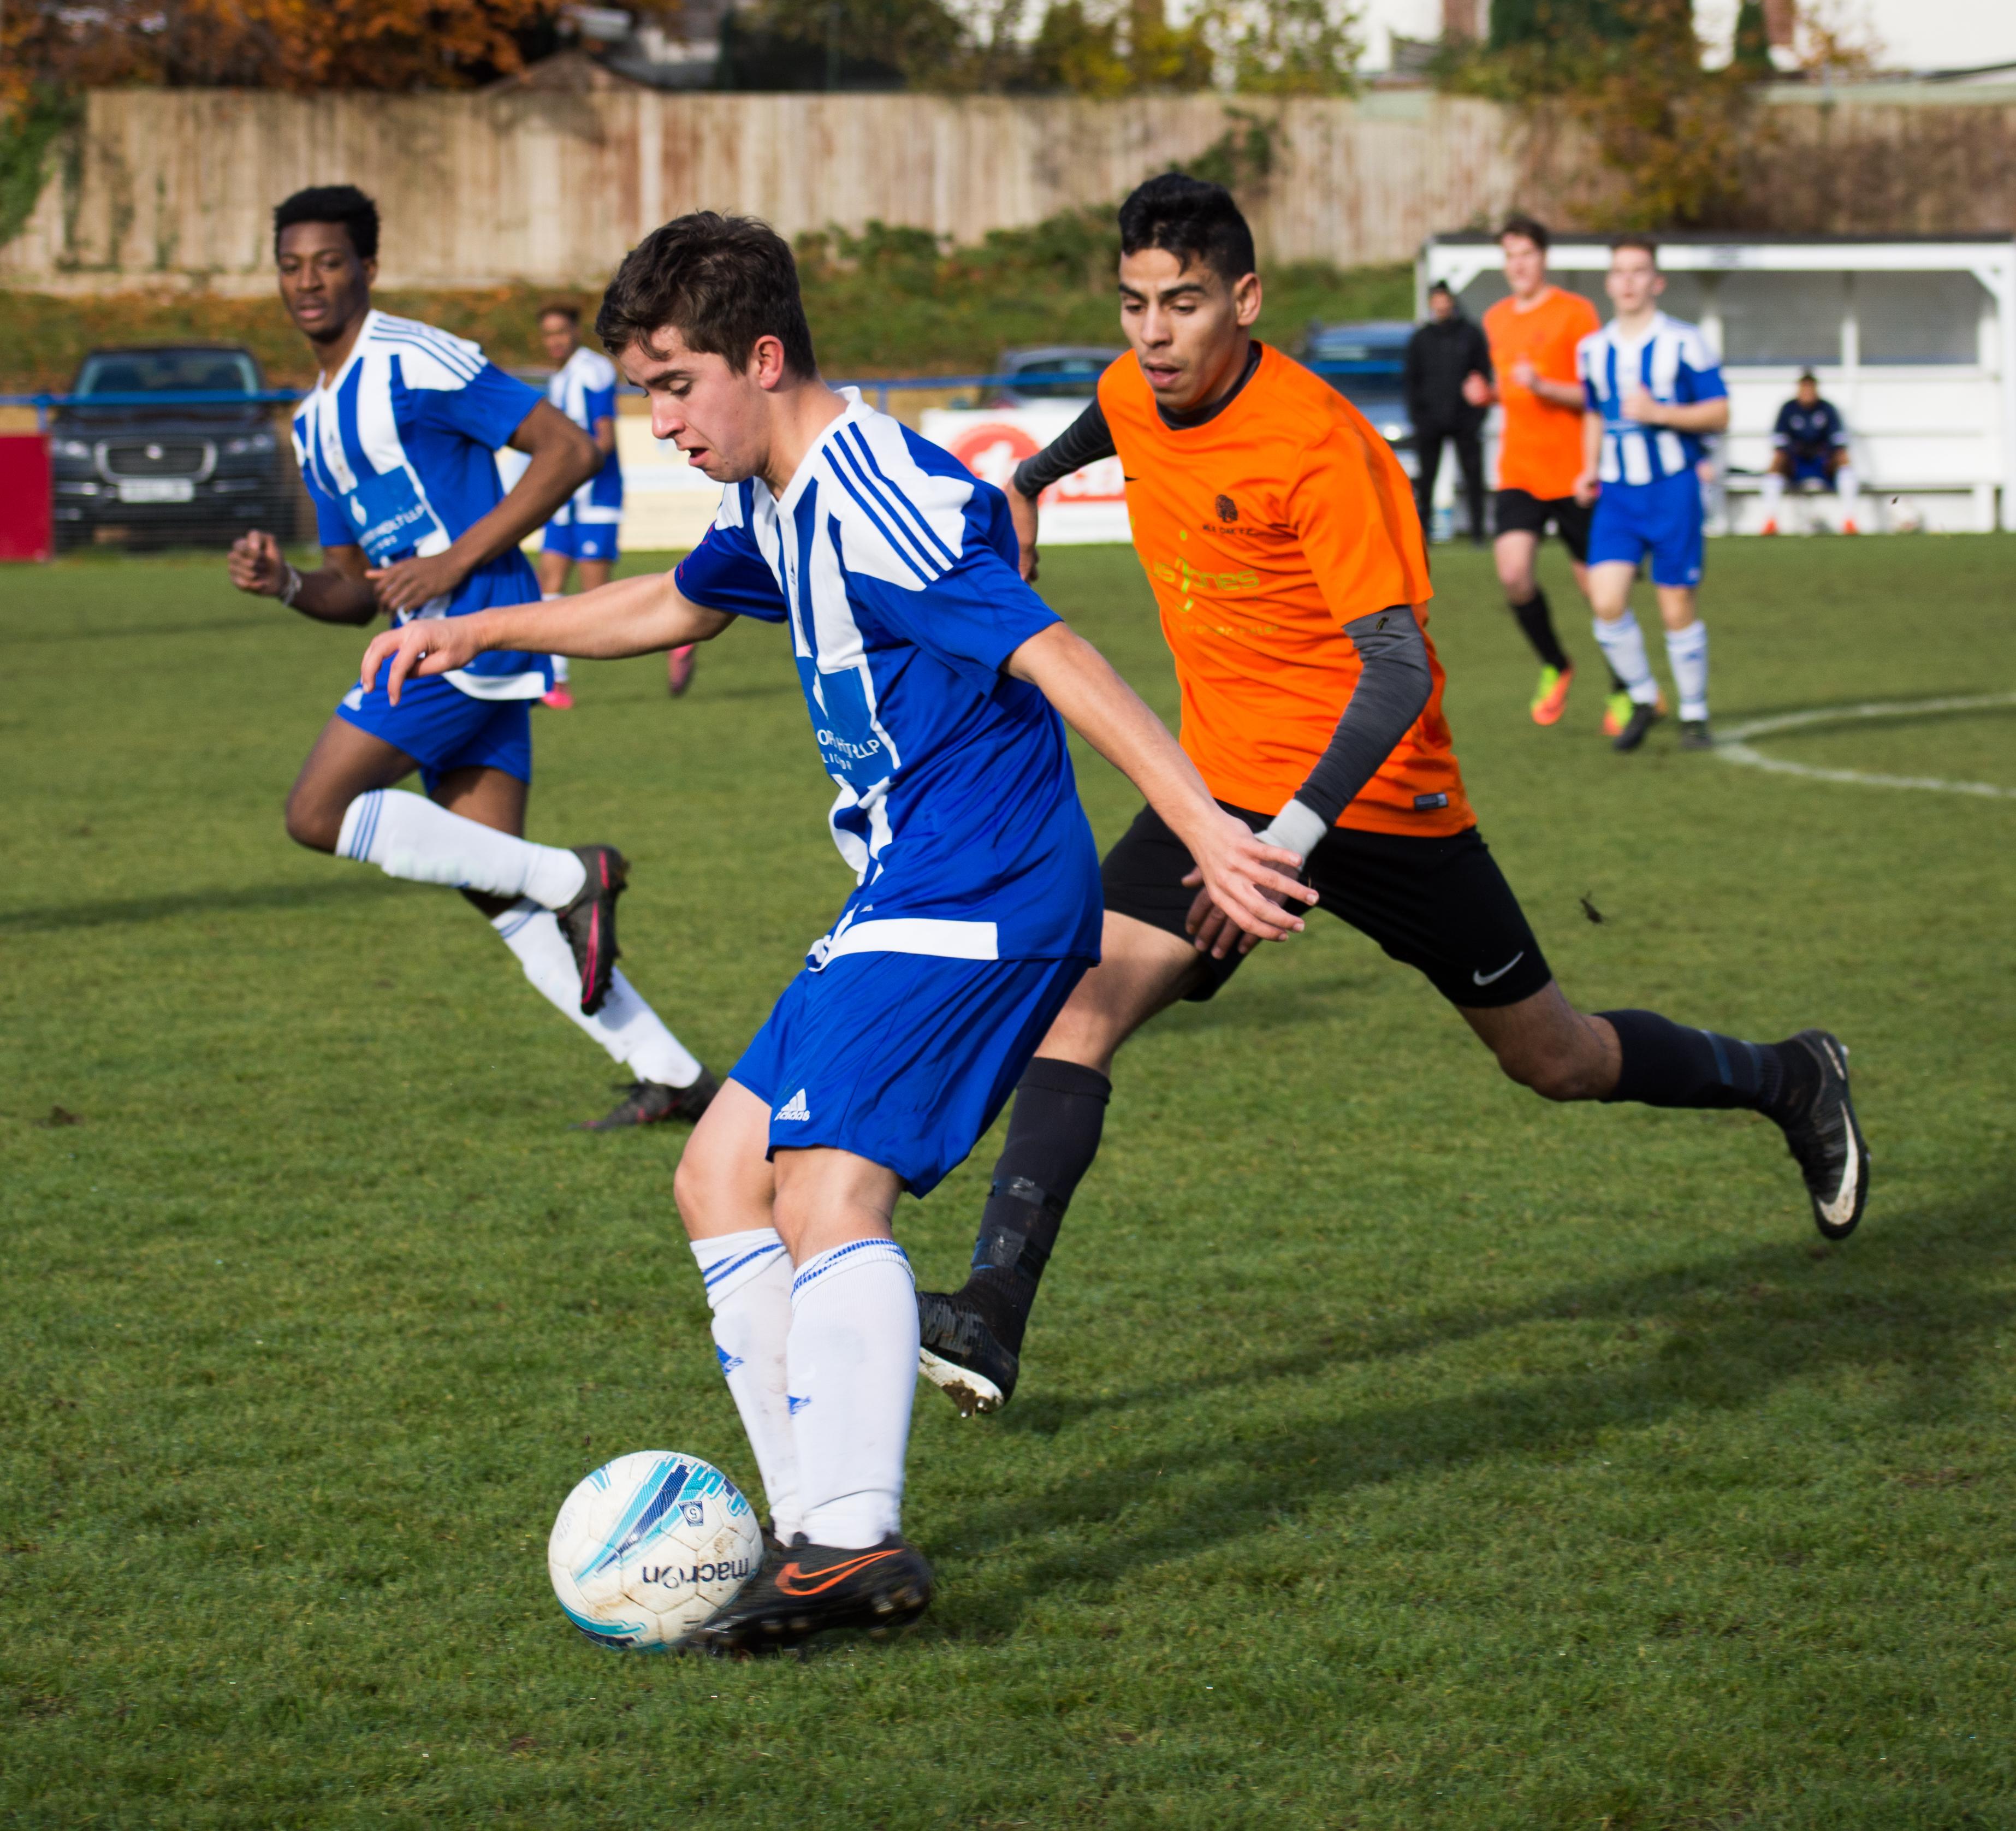 Mile Oak U18s vs Haywards Heath U18s 19.11.17 12